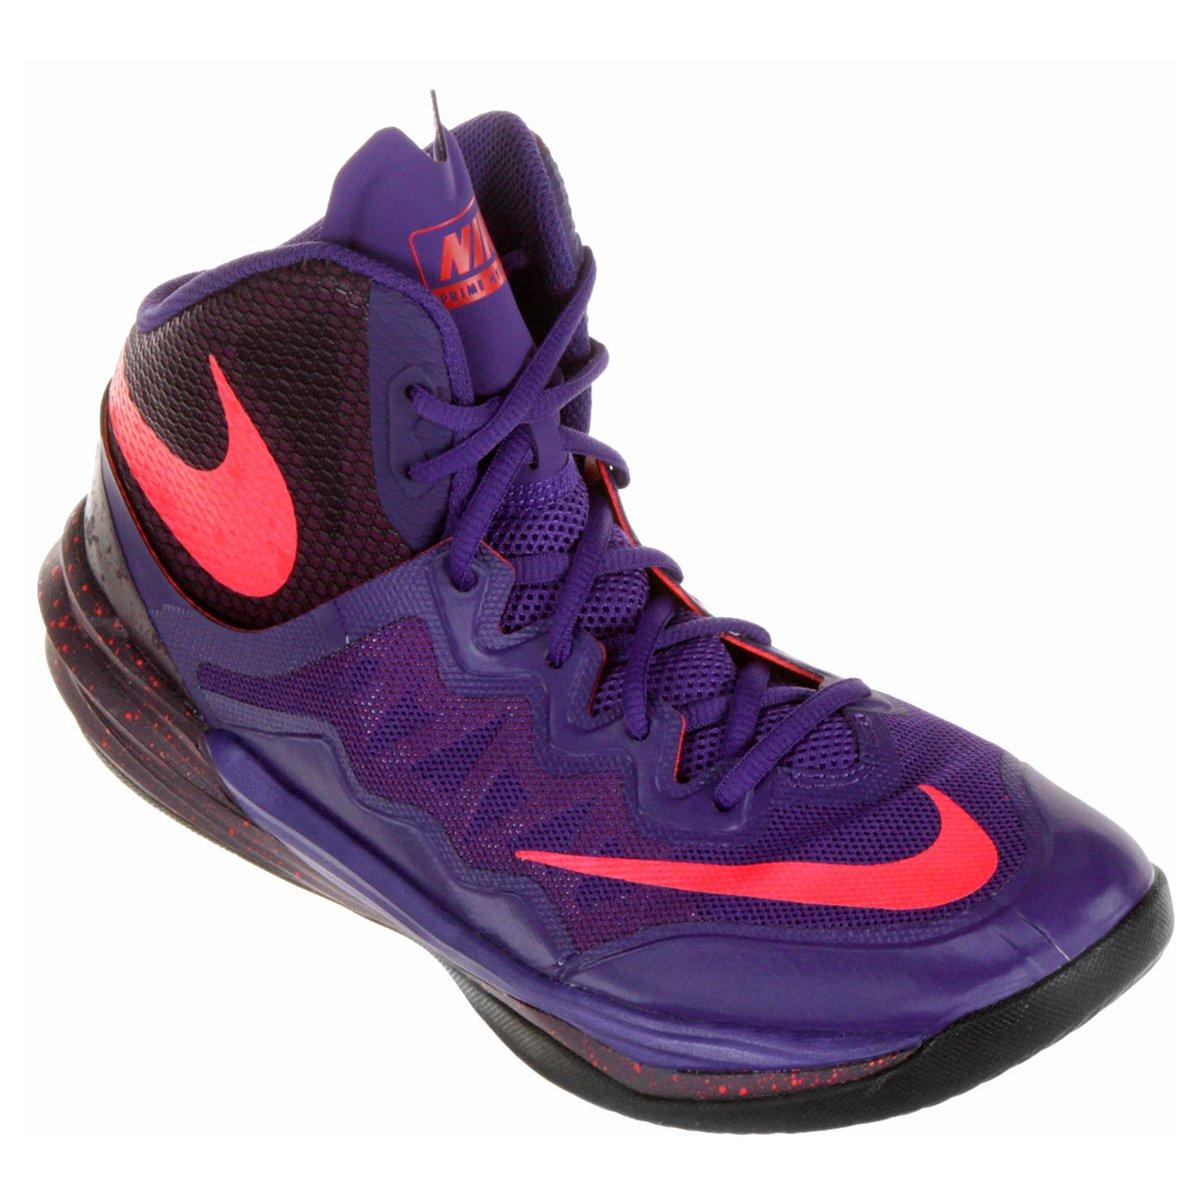 3e5338928813f Tênis Nike Prime Hype Df II - Compre Agora